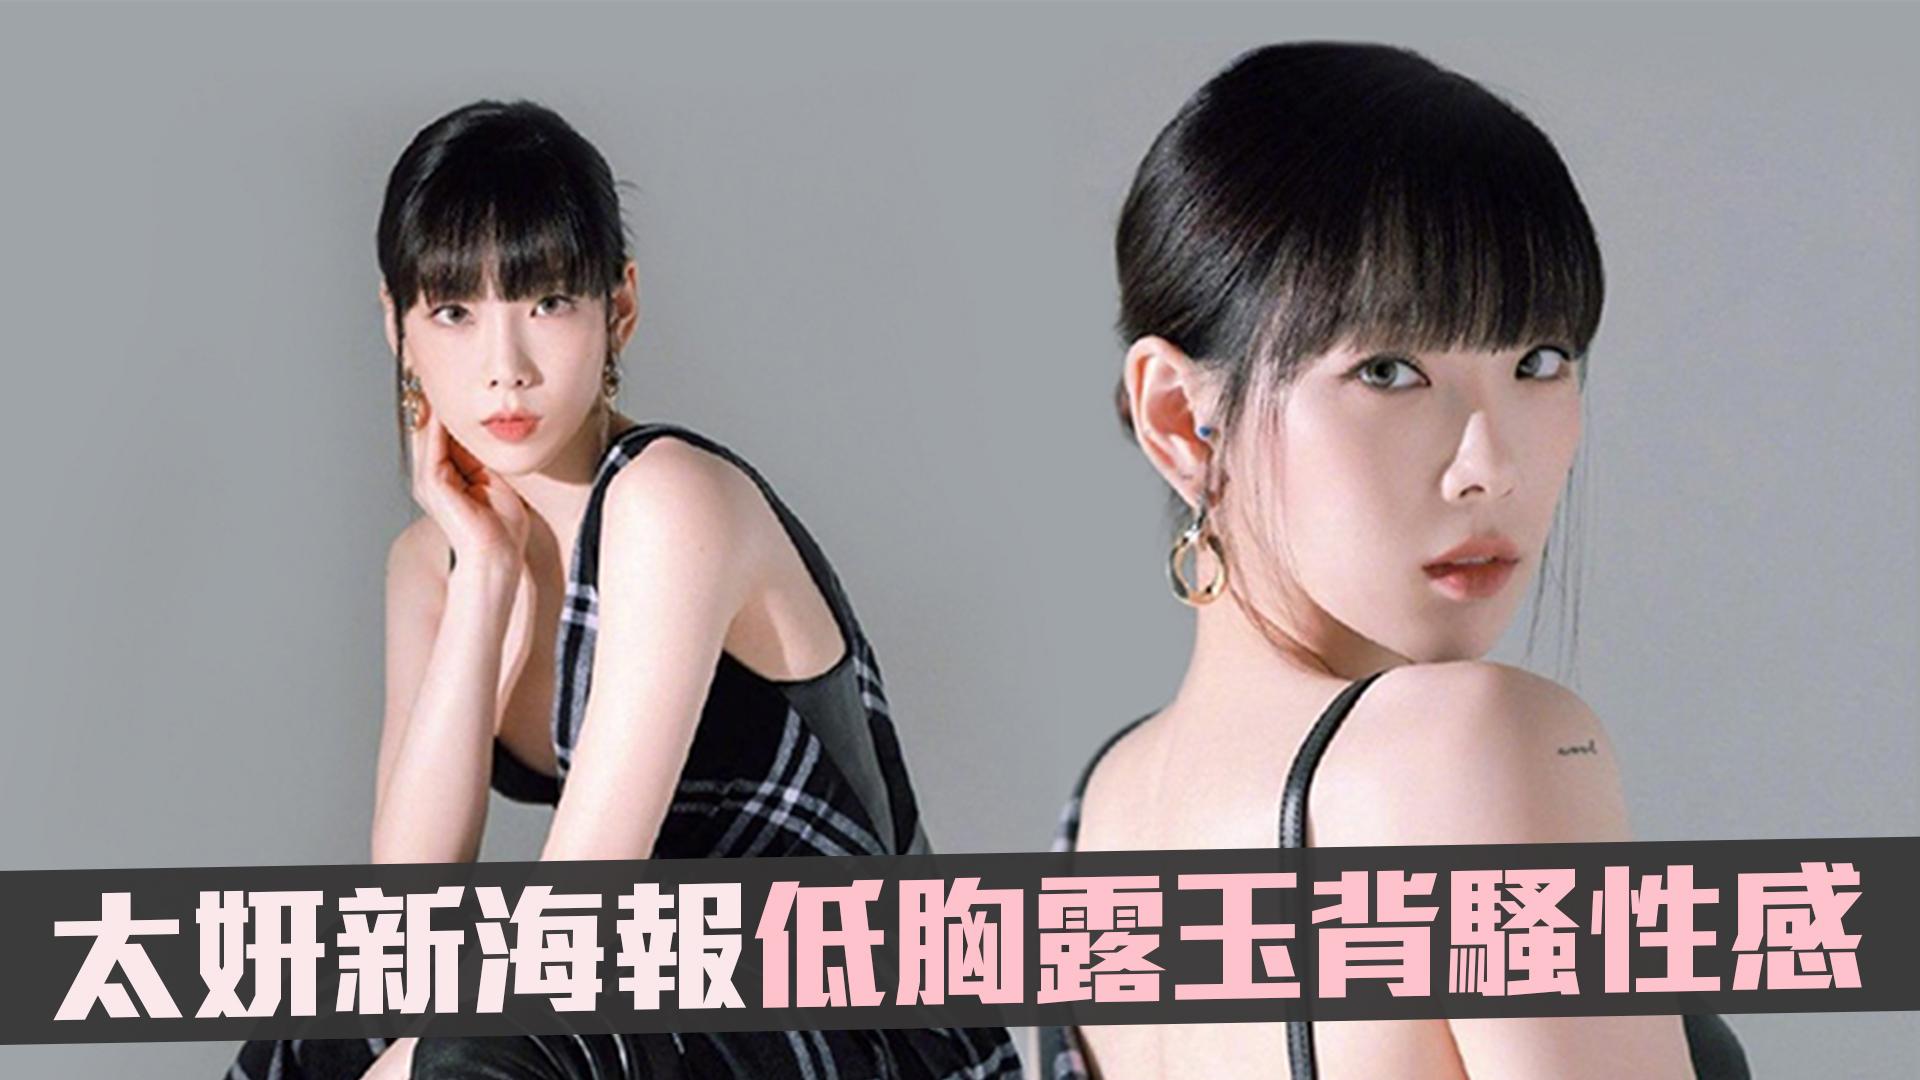 太妍新海報低胸露玉背騷性感 粉驚:美得犯規!